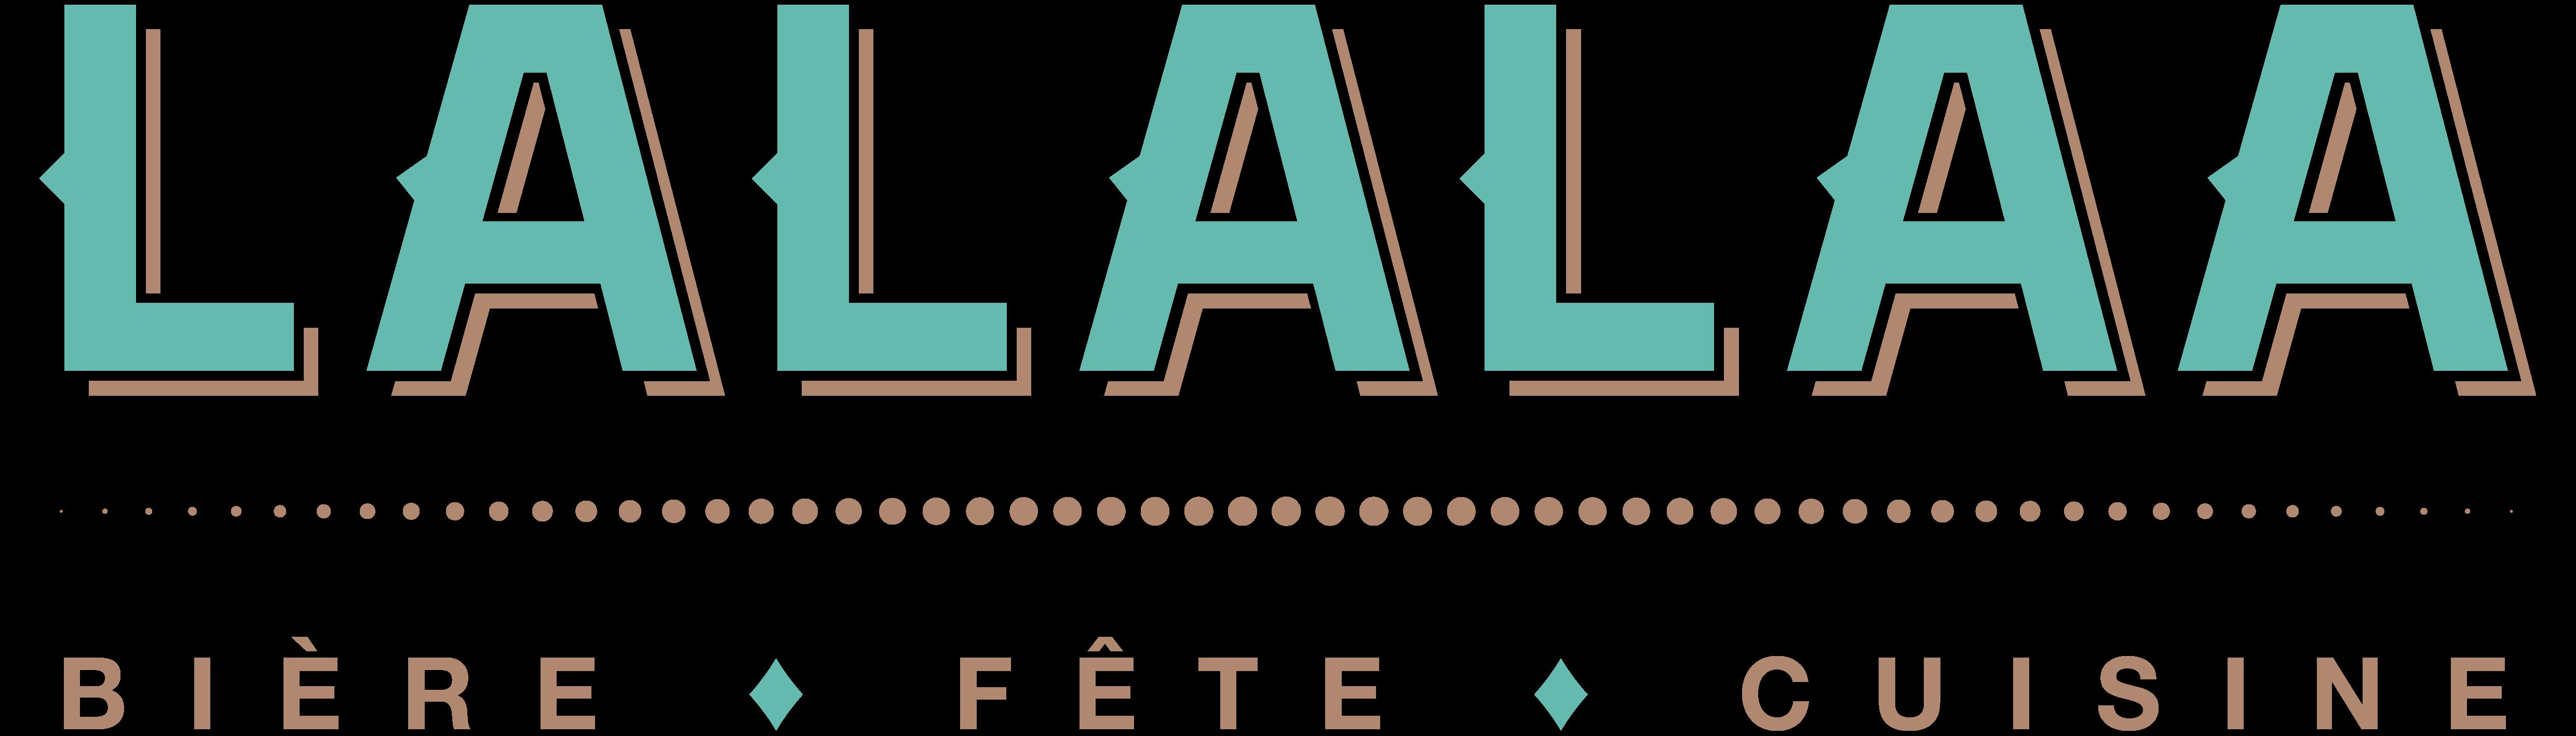 Café Lalalaa